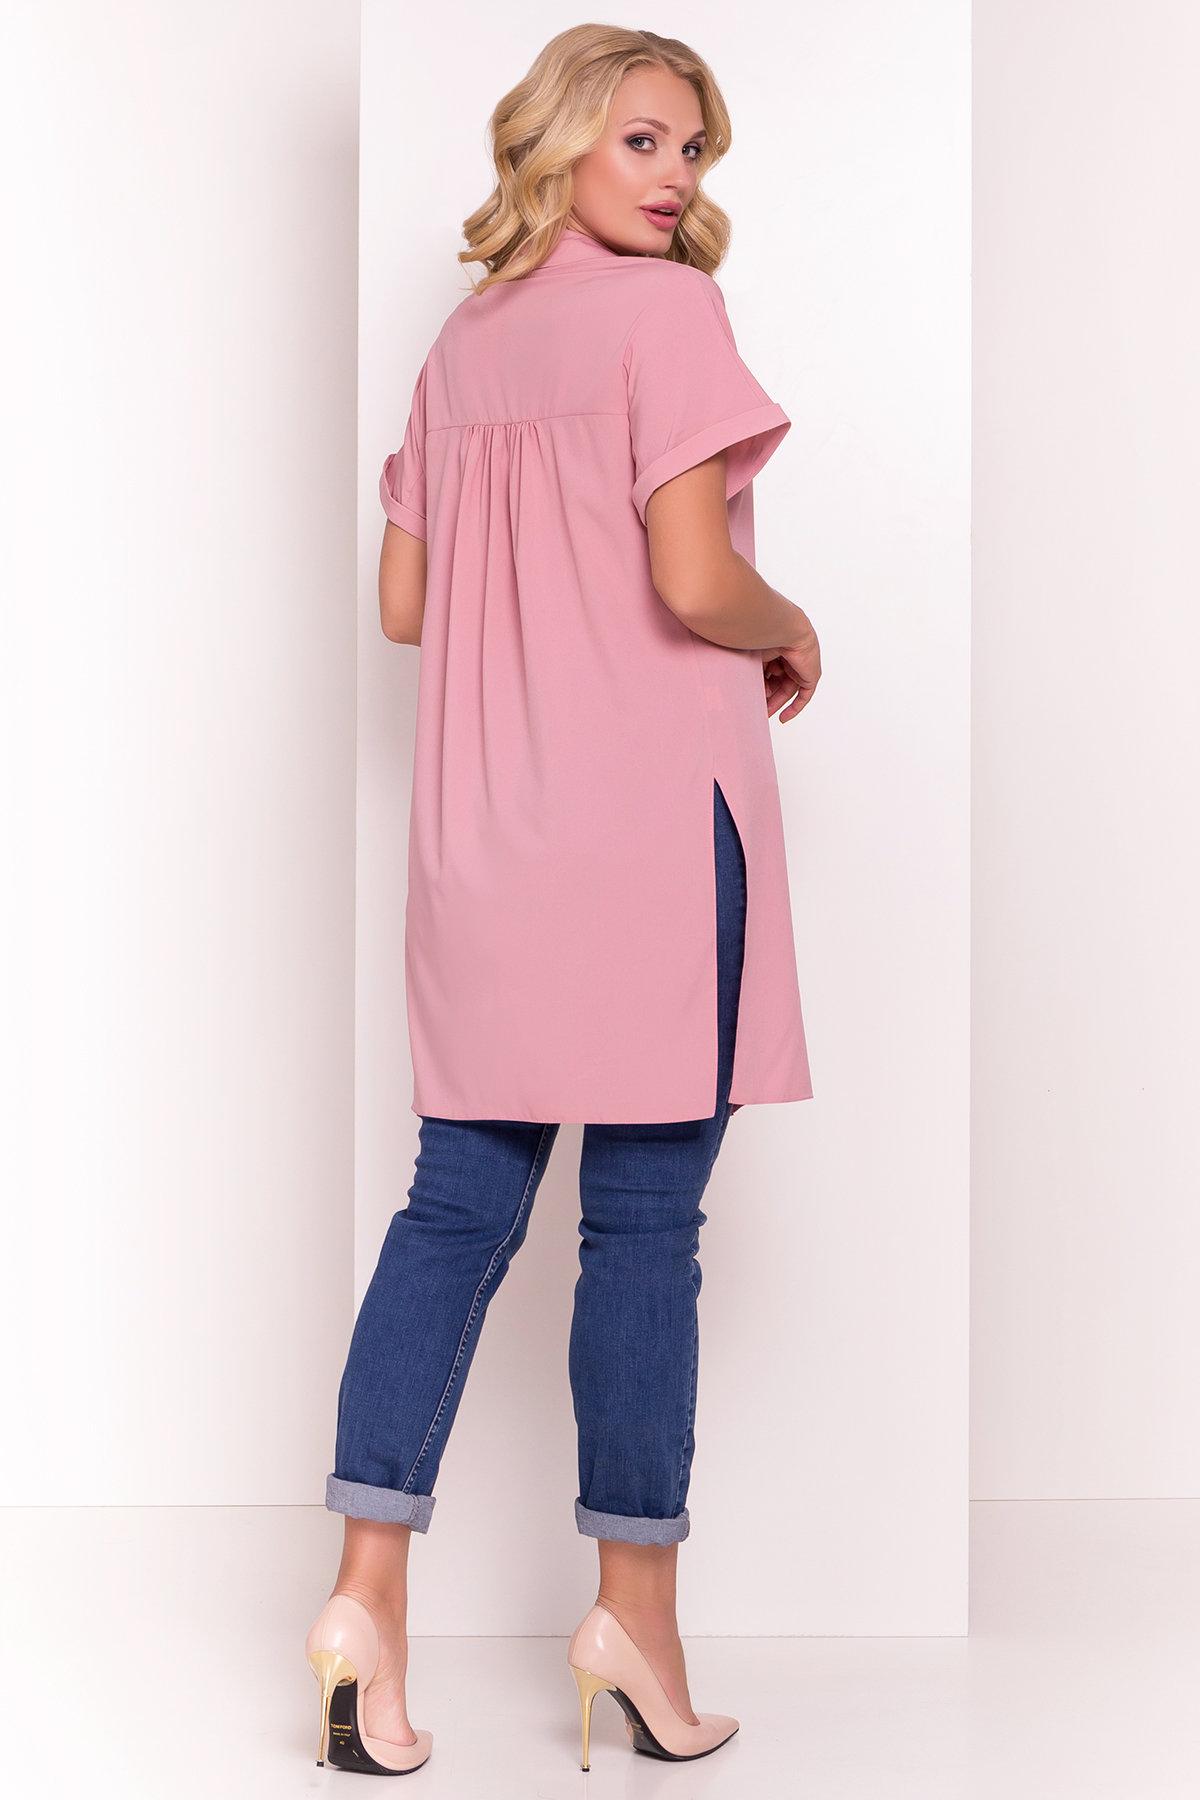 Платье-рубашка Шиен Donna 5088 АРТ. 36167 Цвет: Чайная роза - фото 3, интернет магазин tm-modus.ru